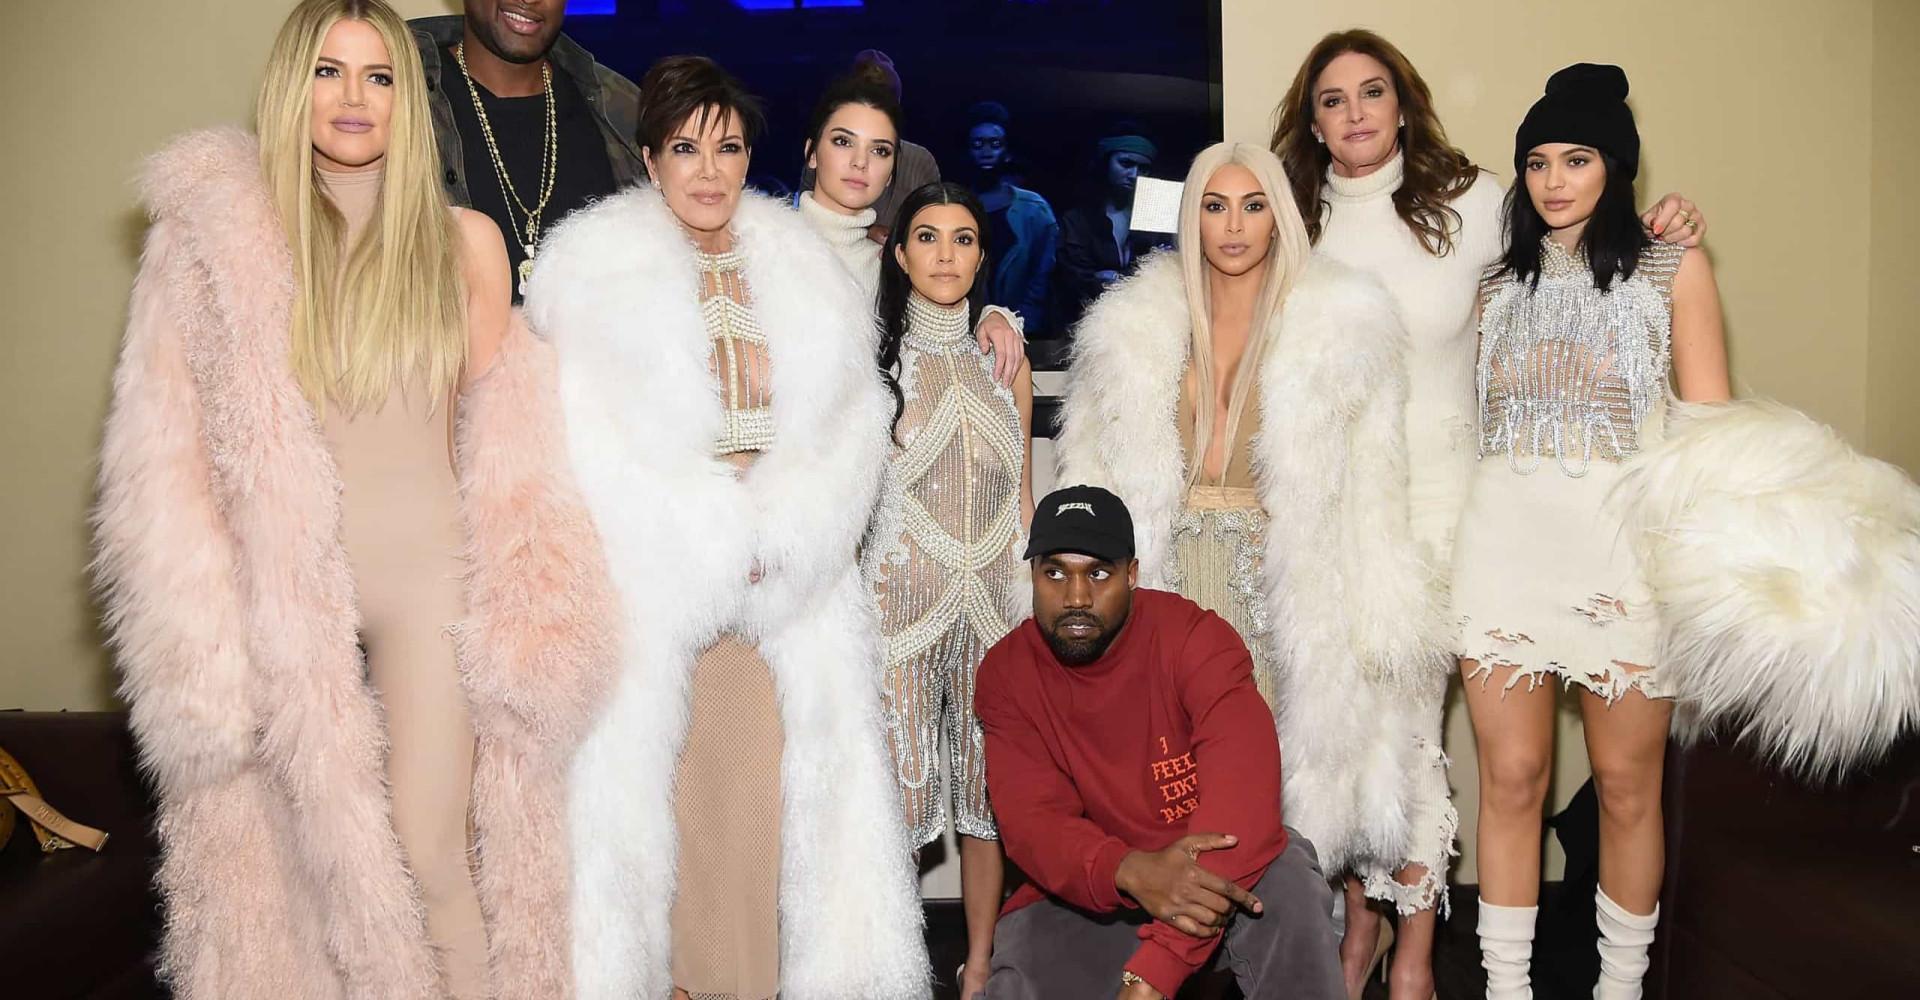 Tout ce que vous ignoriez au sujet des Kardashian